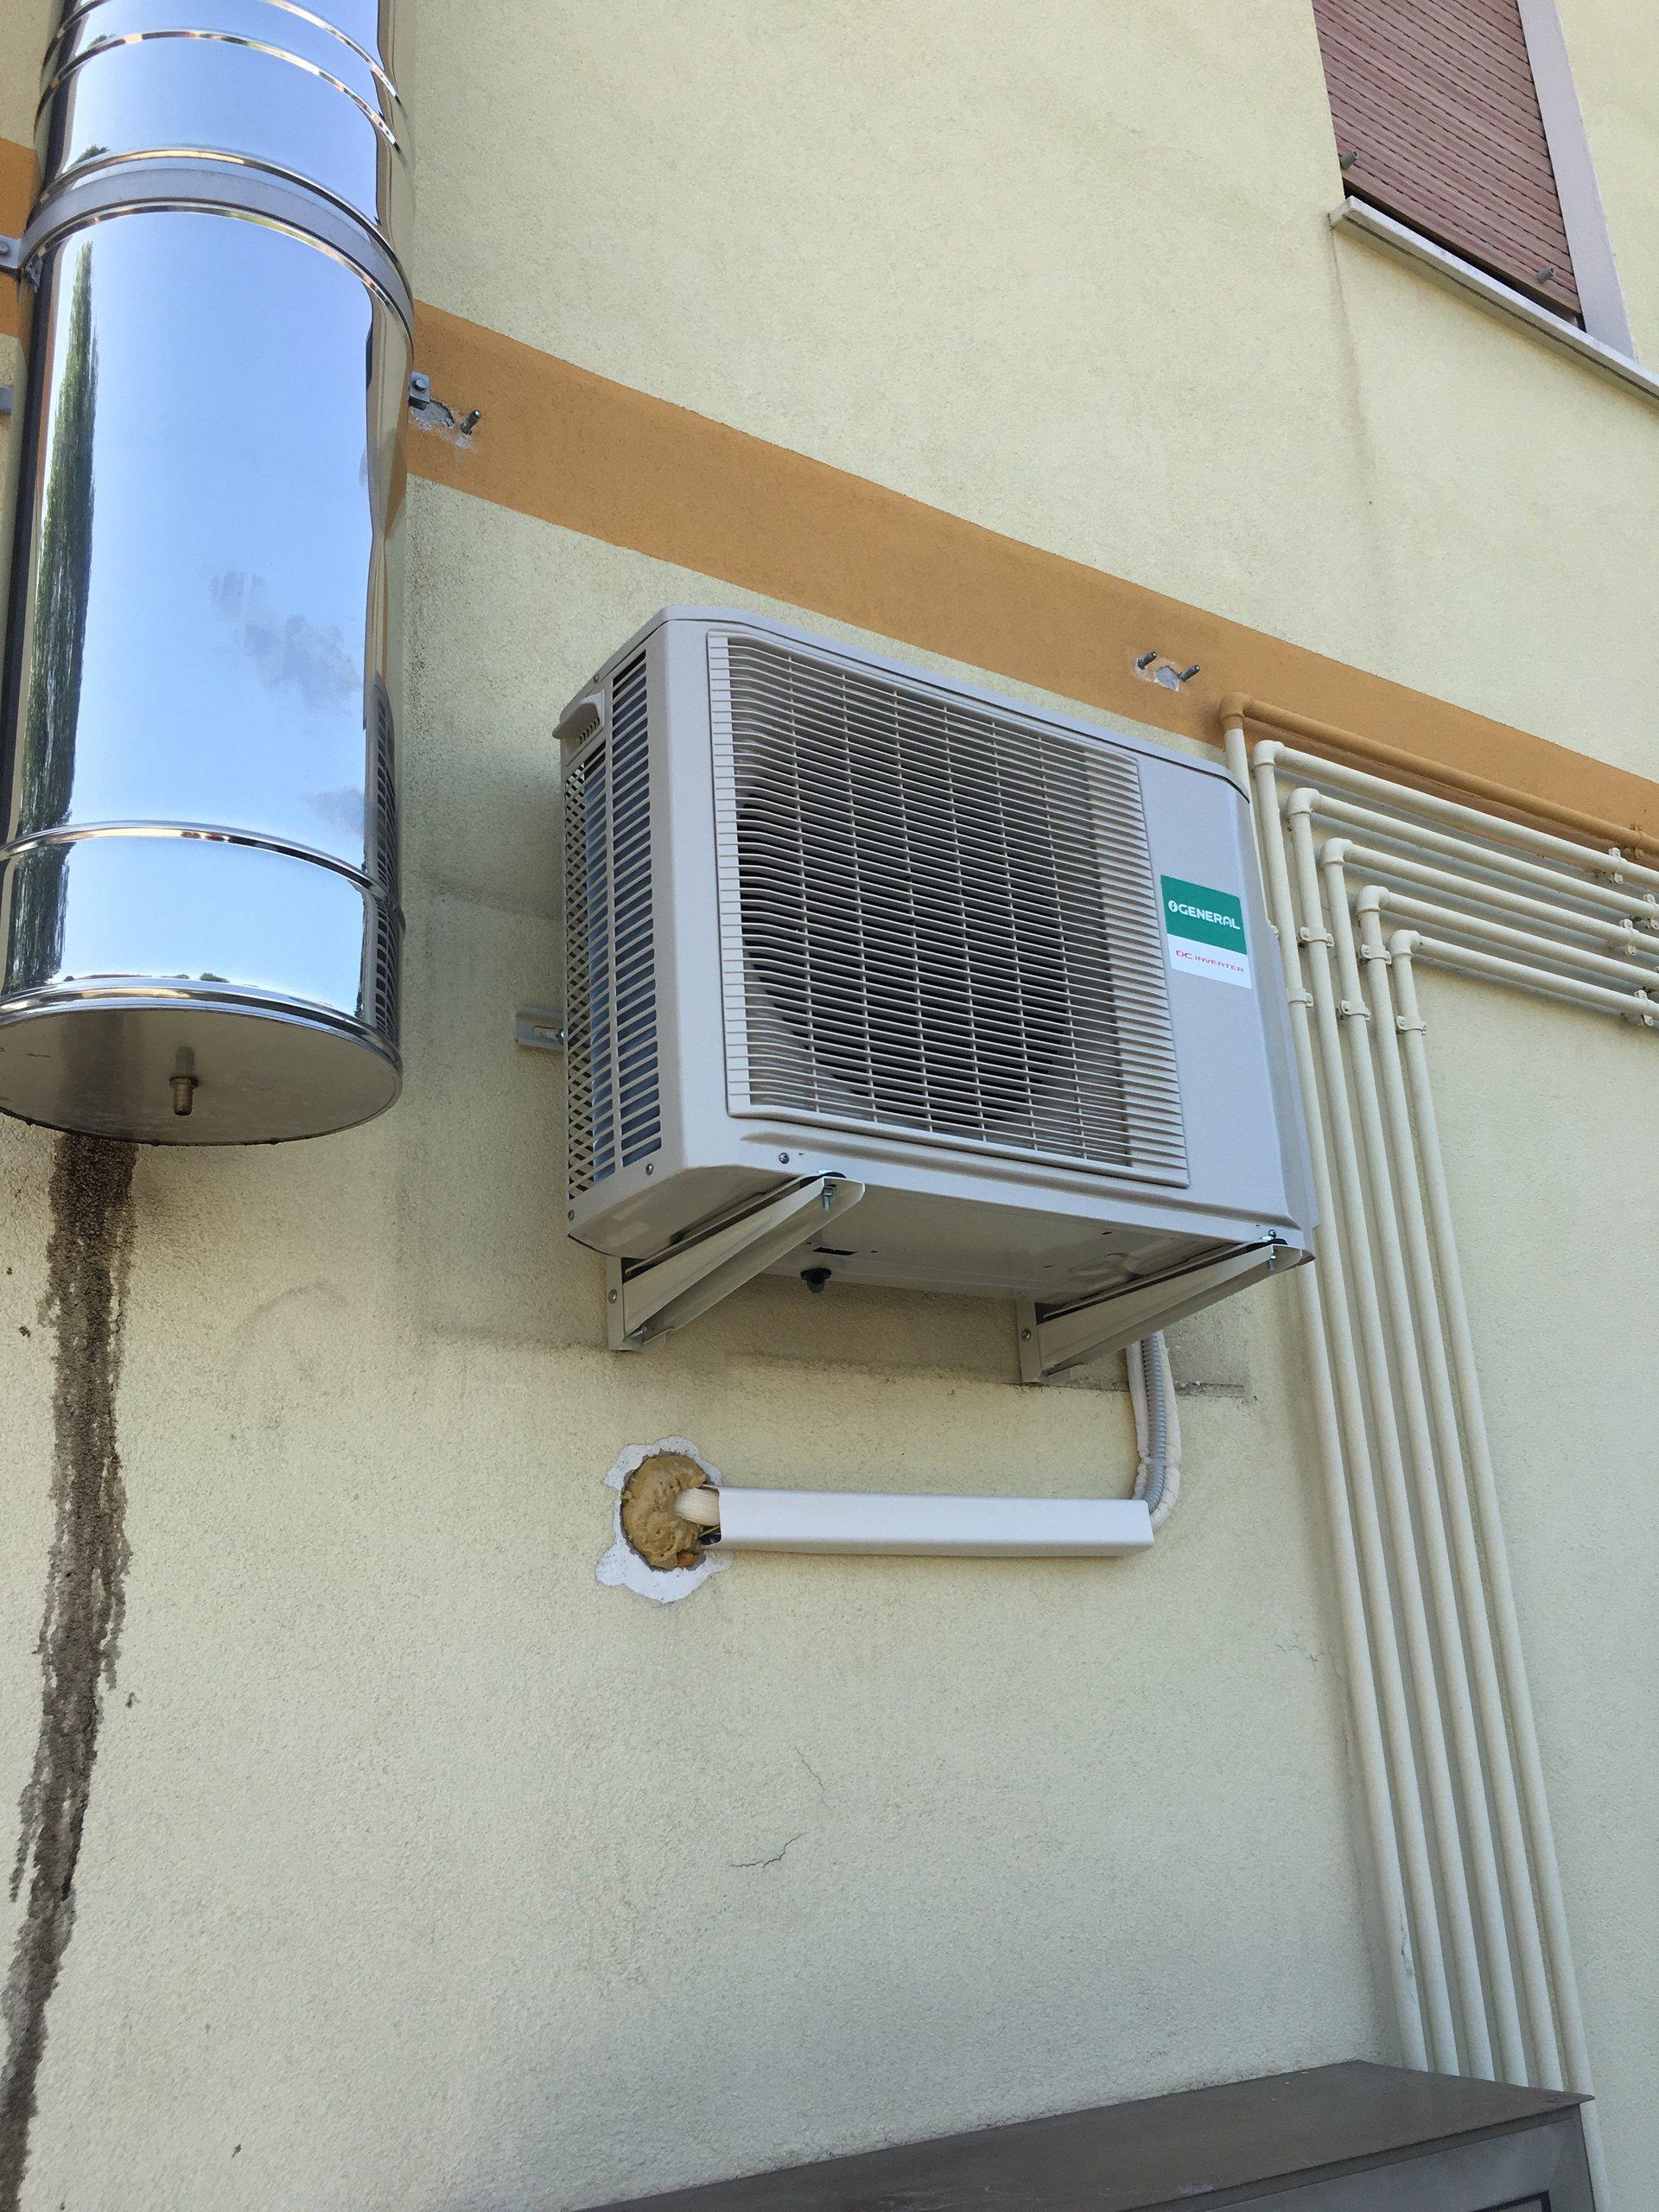 impianto di climatizzazione installato in un appartamento